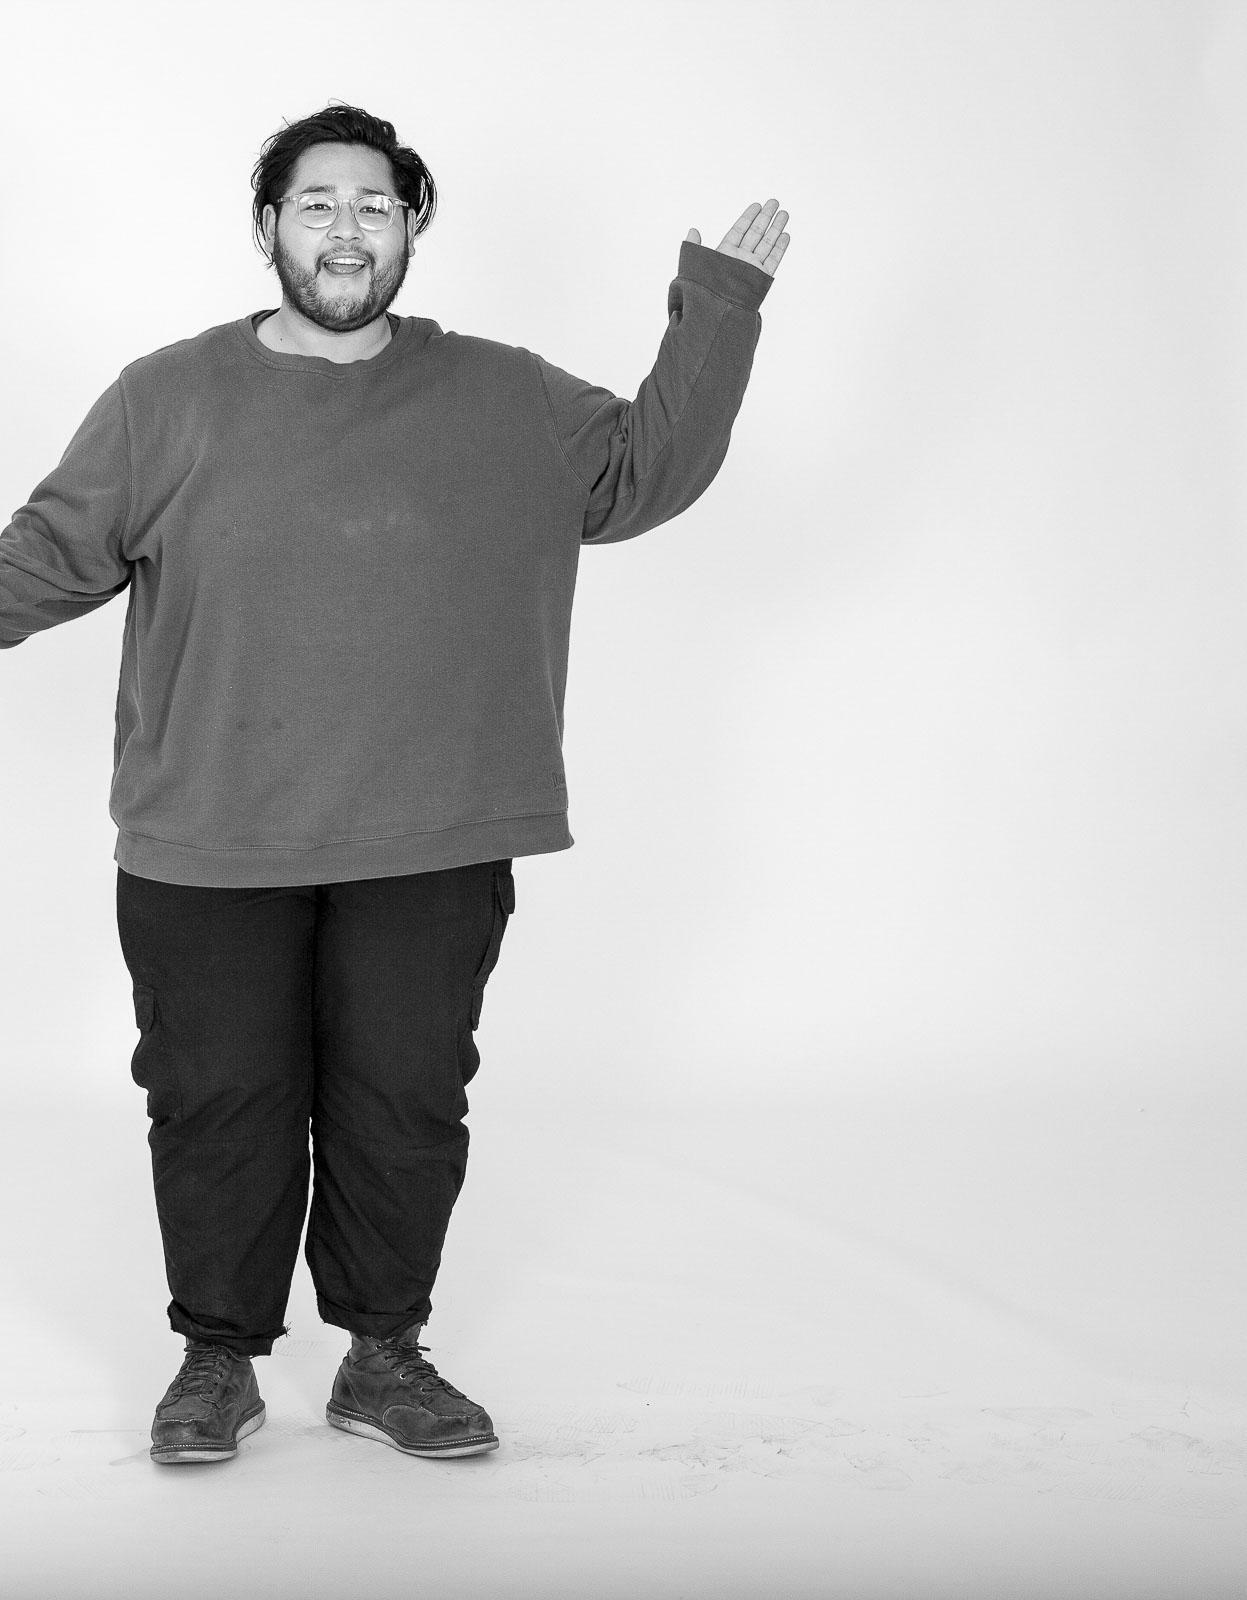 Matt Asato-Adams